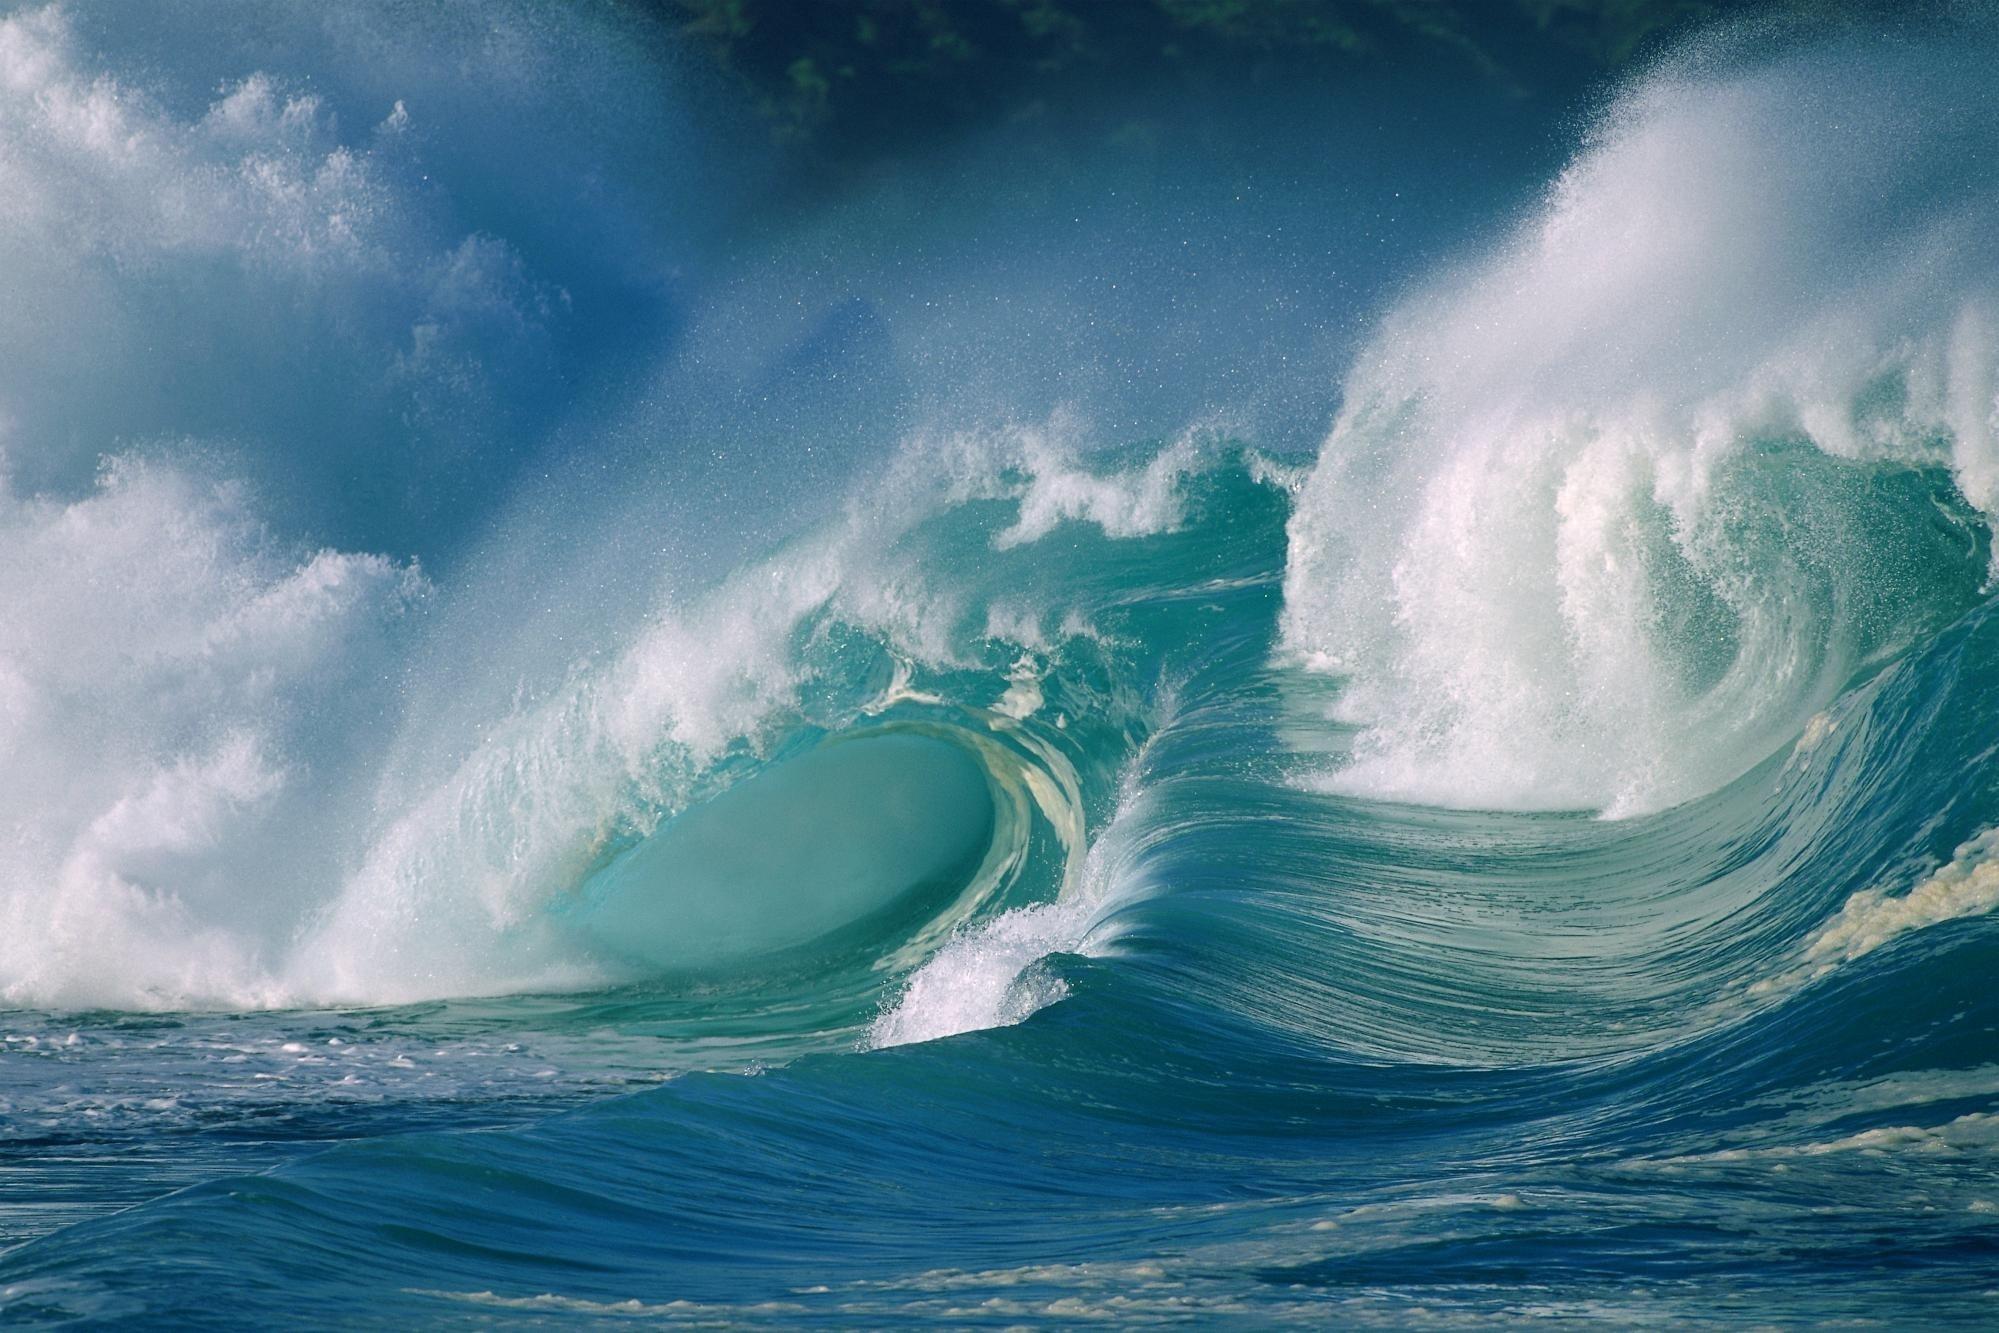 137415 завантажити шпалери Море, Природа, Океан, Бризки, Спрей, Сплеск, Сила, Сили, Хвиля - заставки і картинки безкоштовно